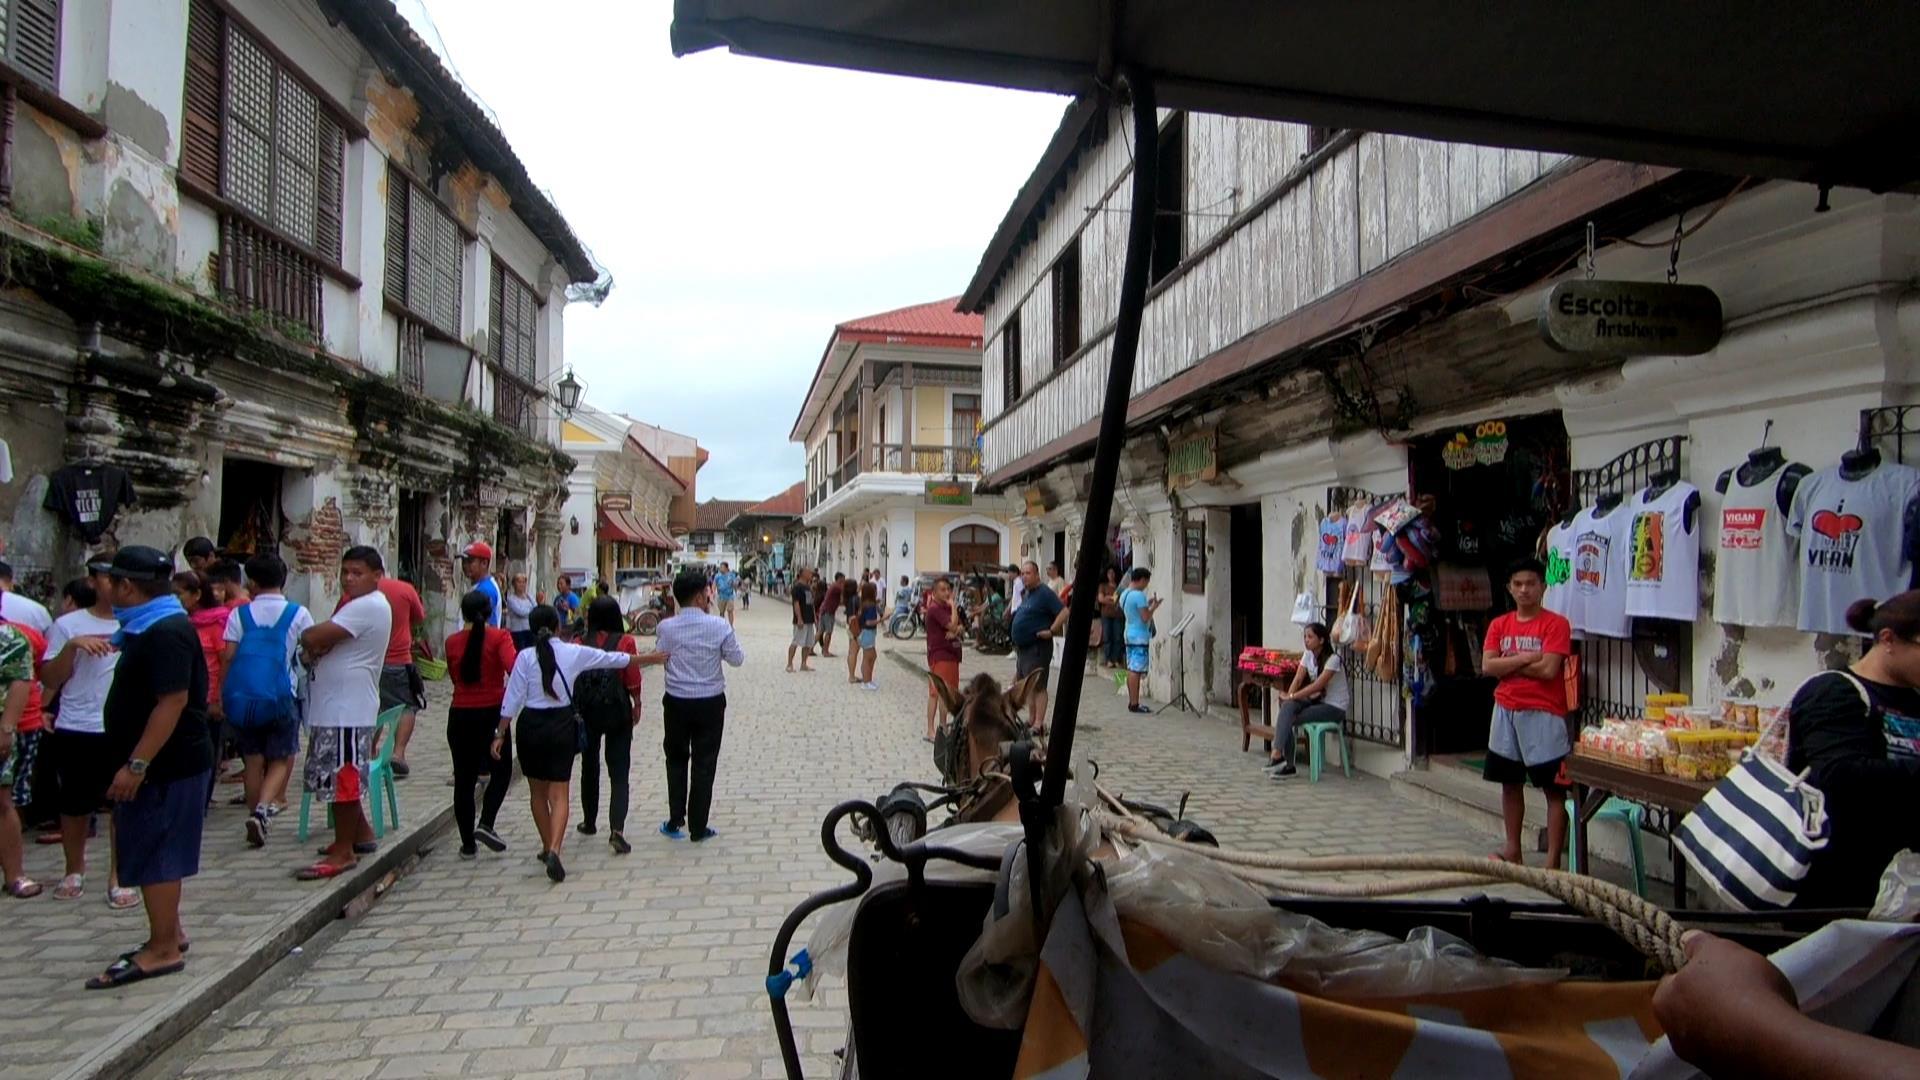 世界遺産の街ビガンを馬車で回る